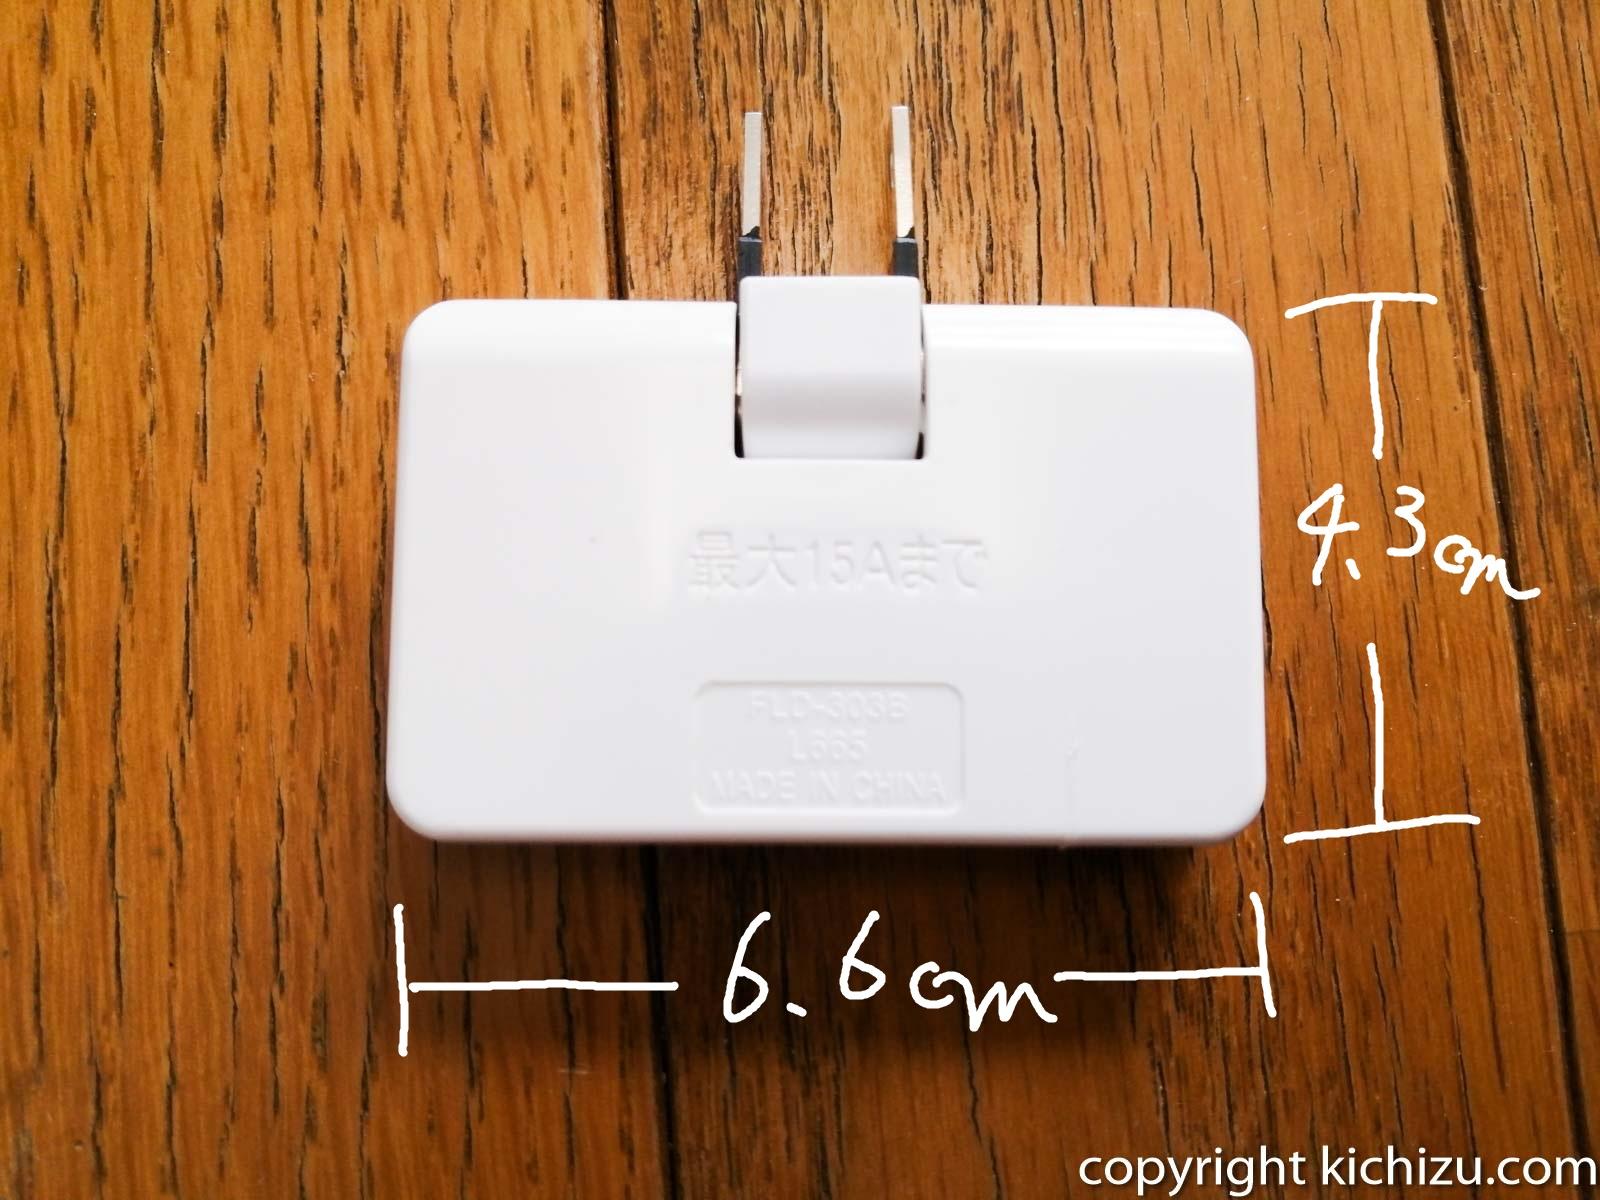 ダイソーのコンセントタップのサイズ